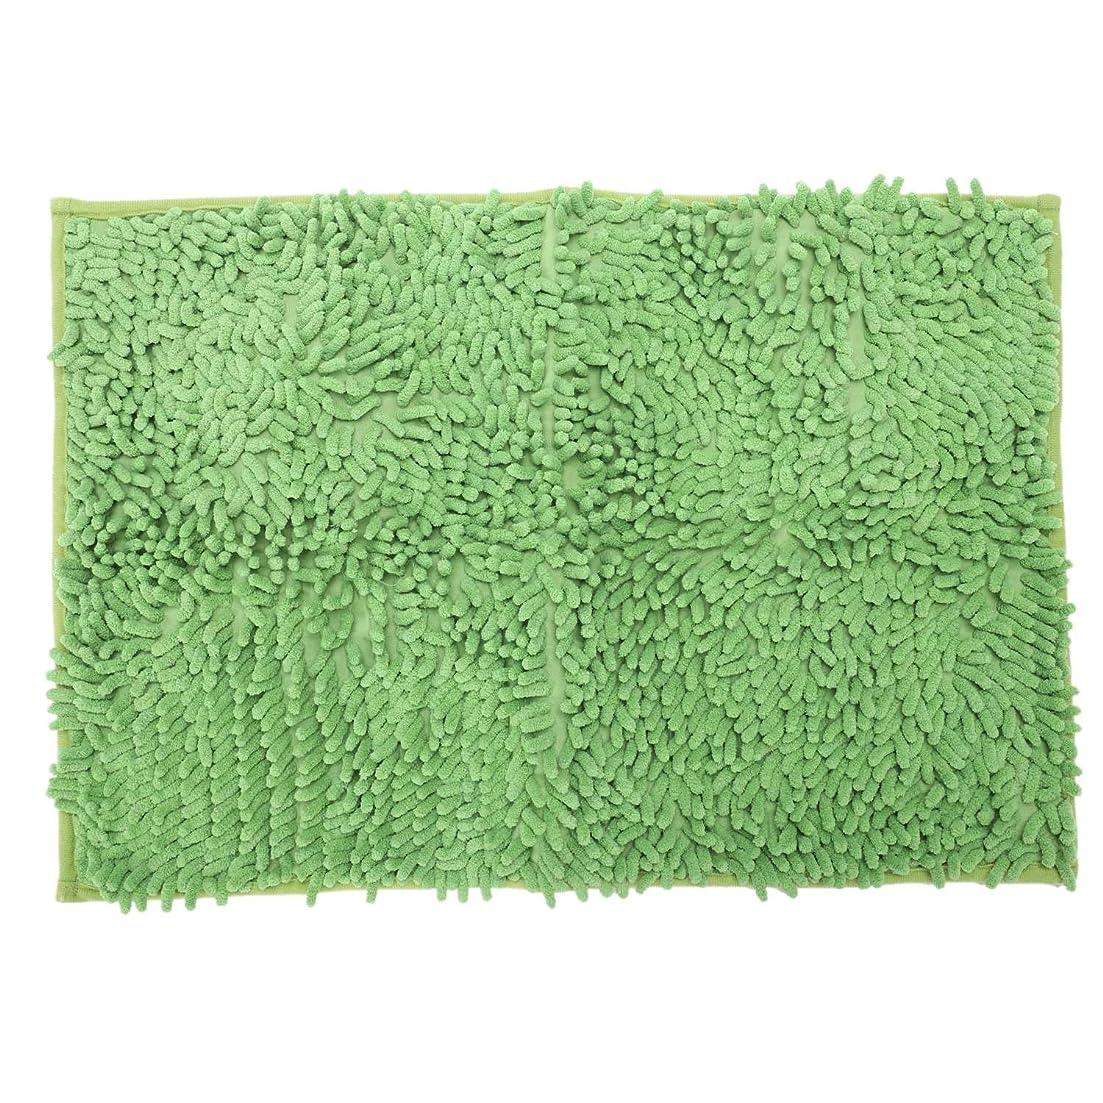 ブランチイースター信じるCUHAWUDBA ソフトなふわふわのすべり止め 吸収性バスマット シャワーマット 40 x 60cm (緑)